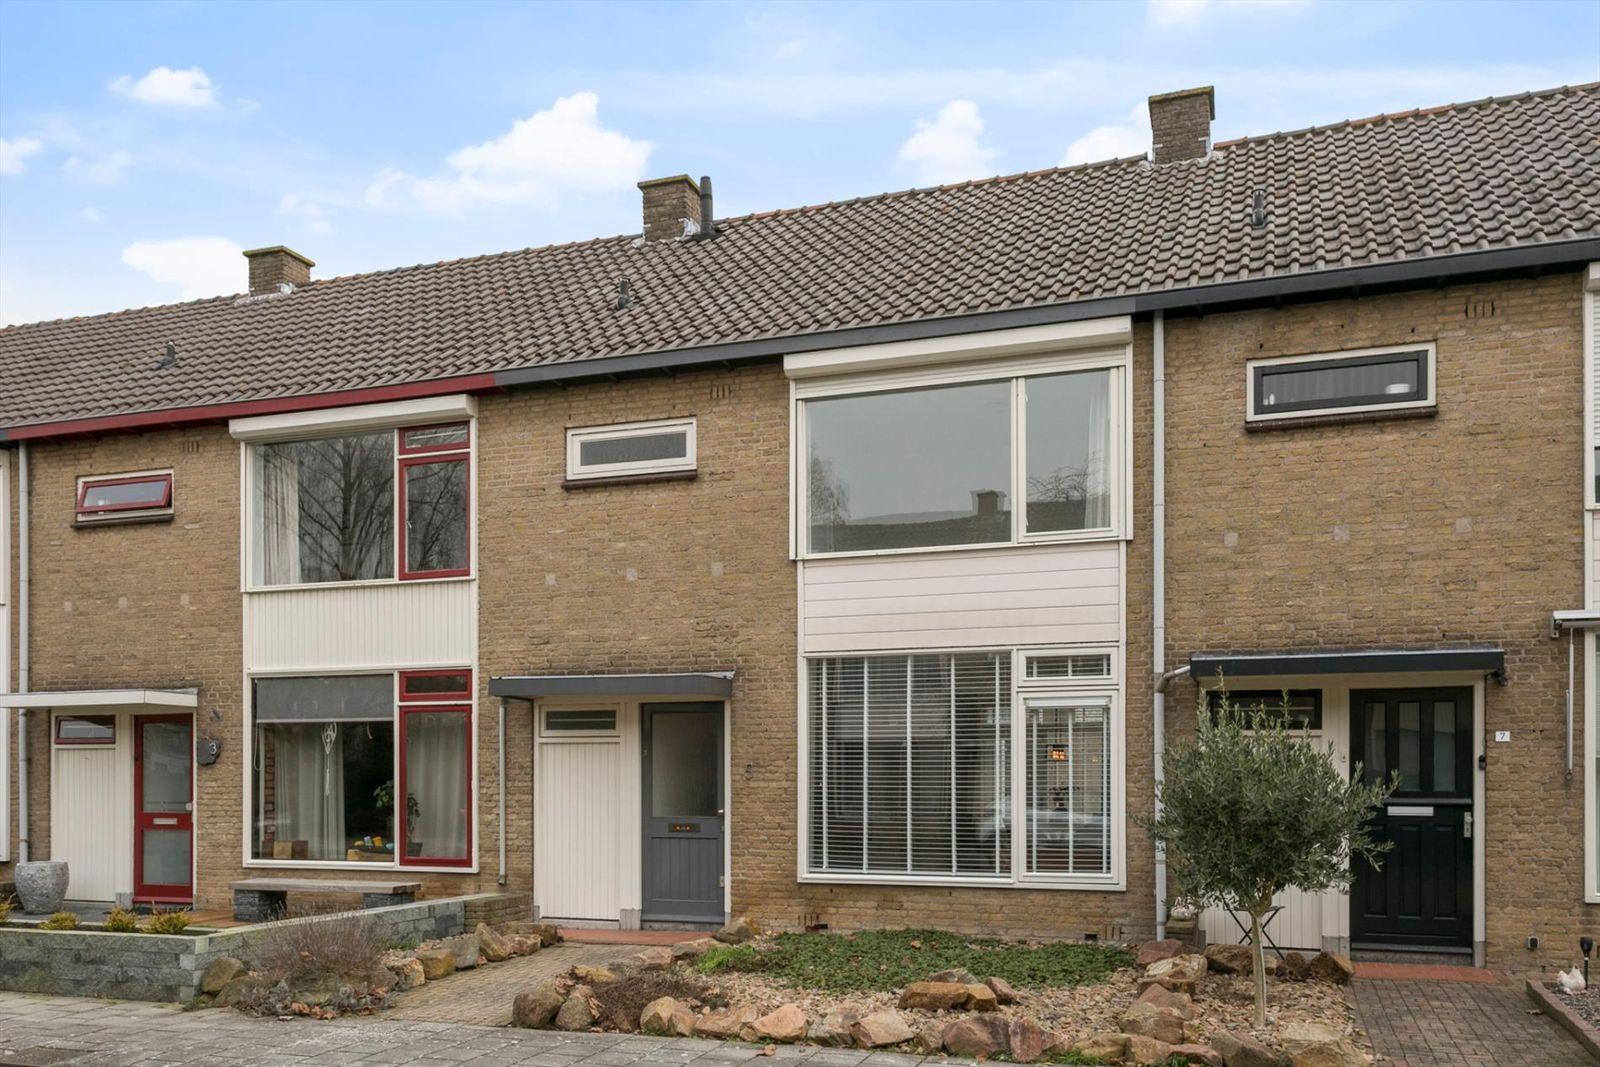 Epkemastraat 5, Zaltbommel